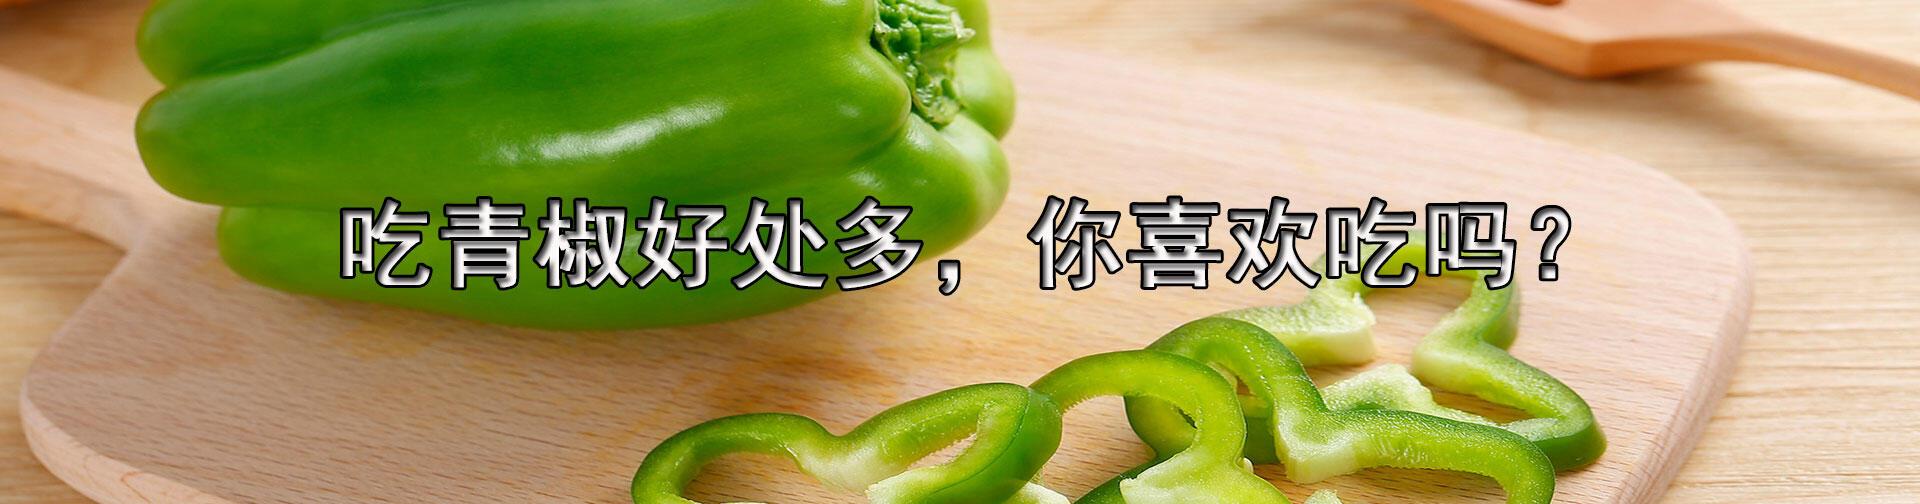 吃青椒好处多,你喜欢吃吗?